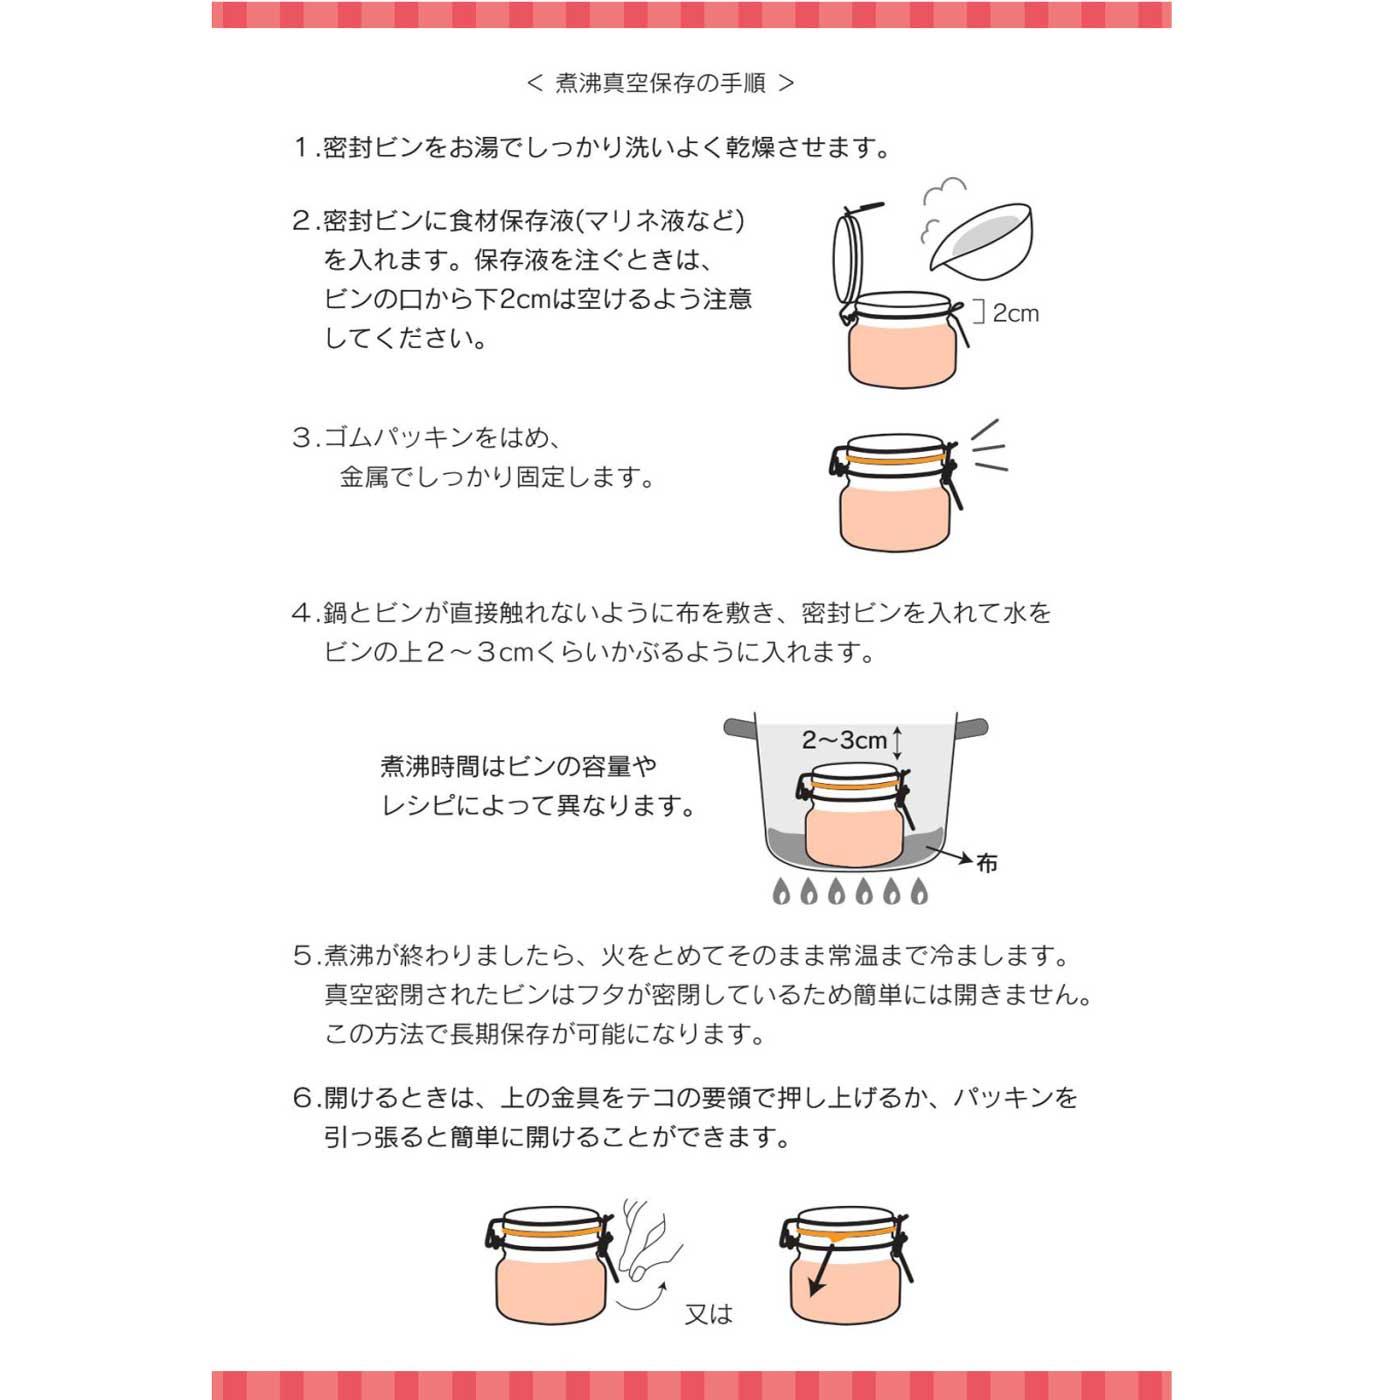 クリップジャー煮沸真空保存方法